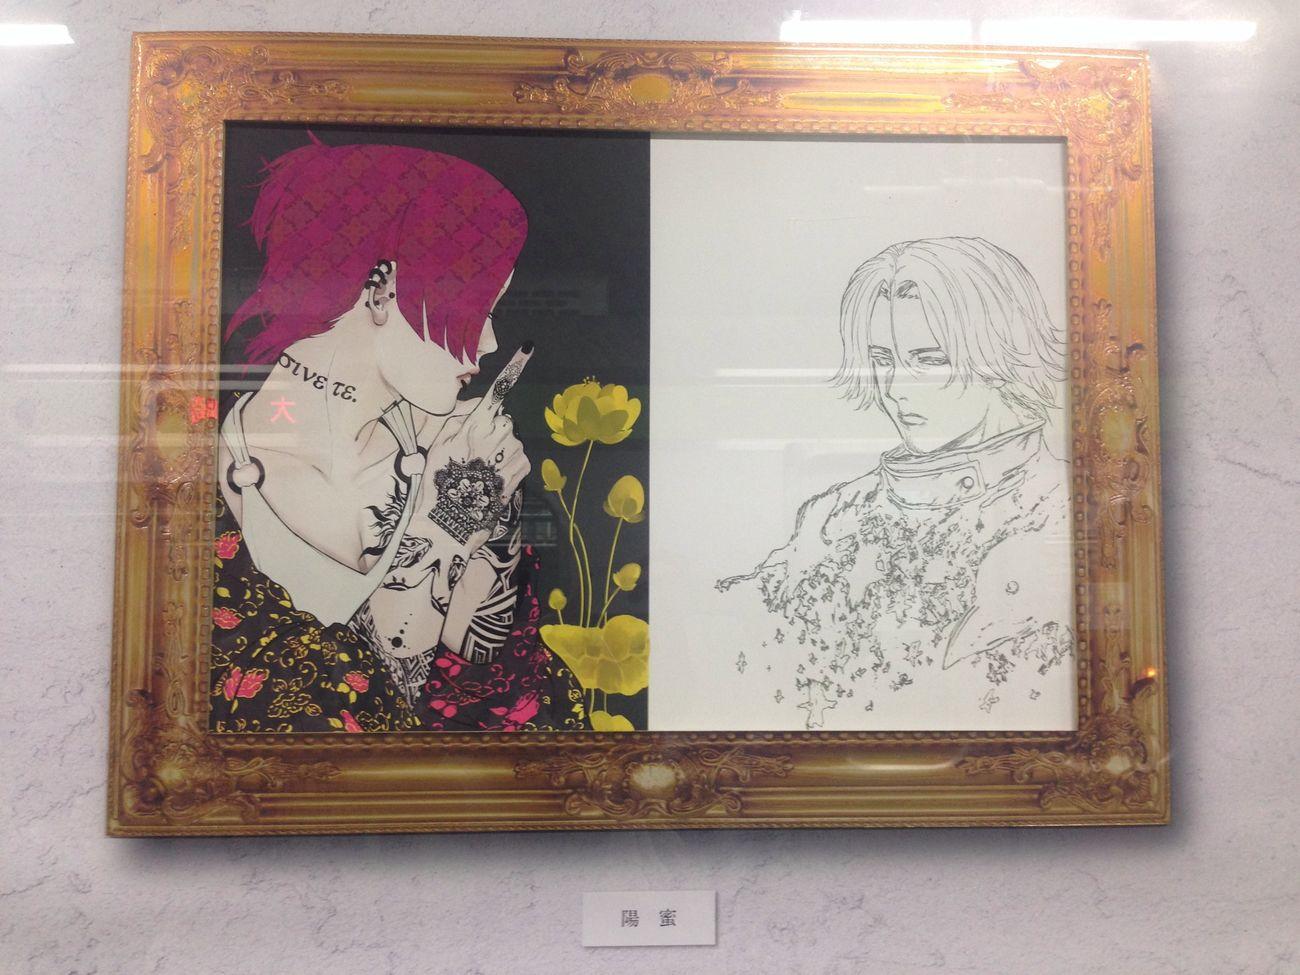 原宿 東京喰種 原画展示